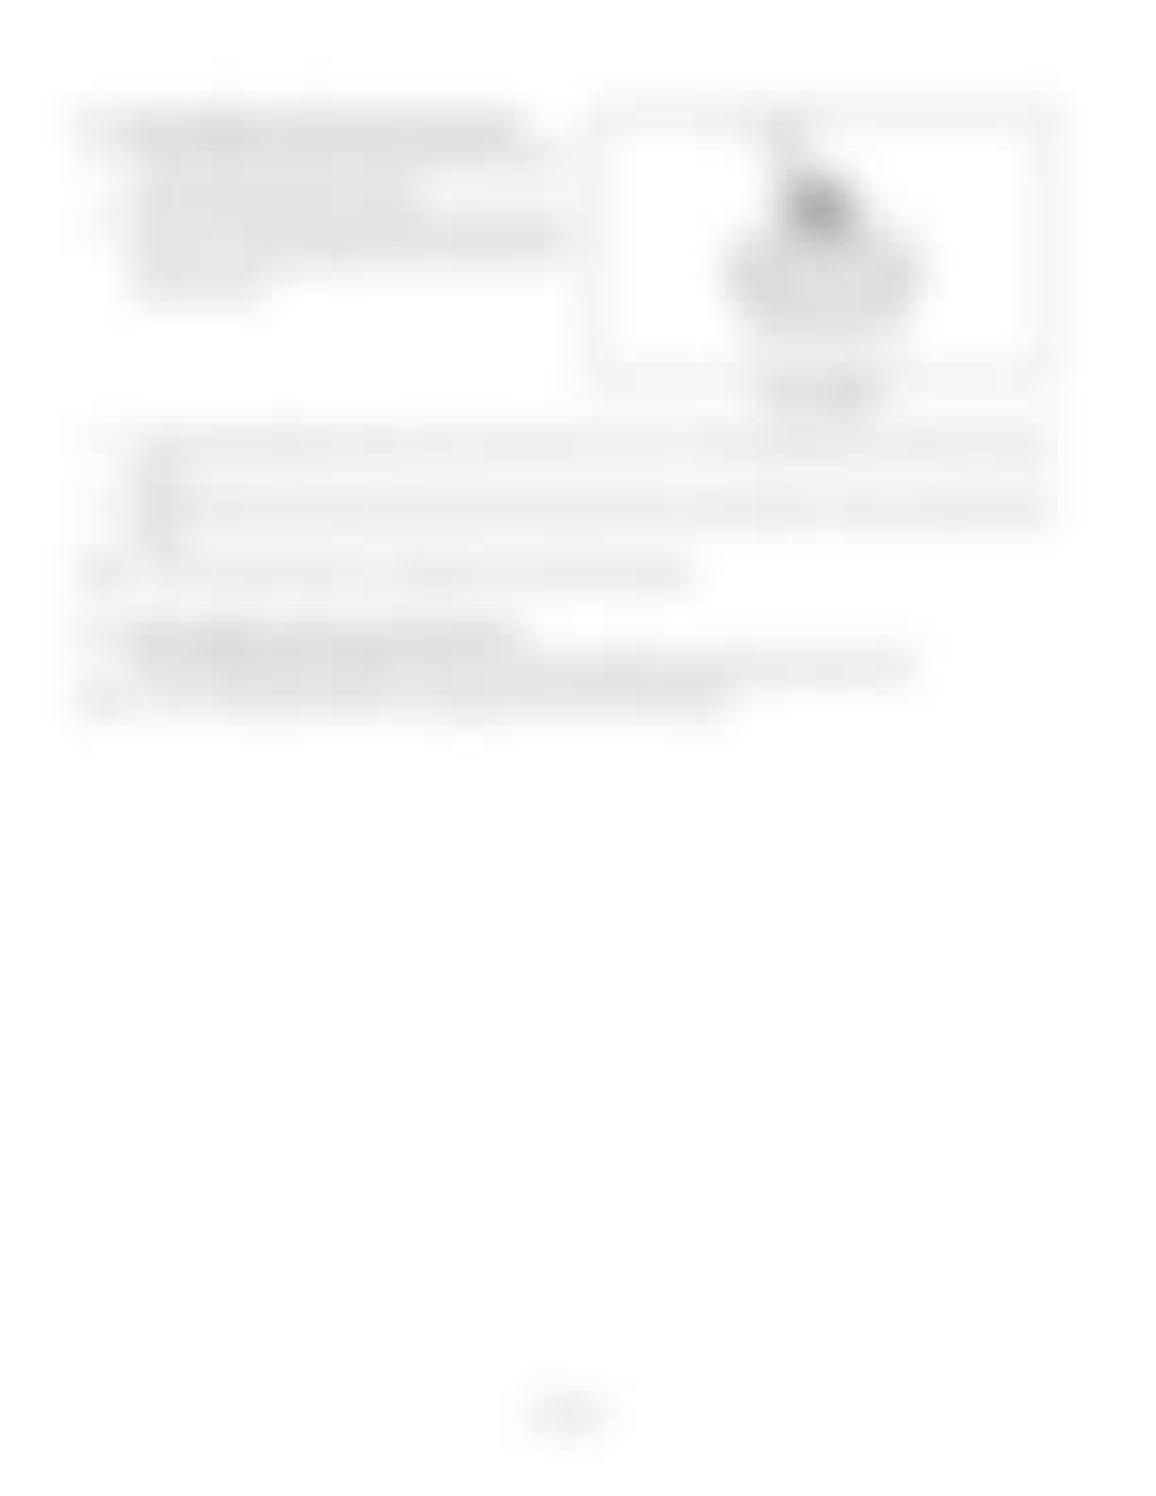 Hitachi LX110-7 LX130-7 LX160-7 LX190-7 LX230-7 Wheel Loader Workshop Manual - PDF DOWNLOAD page 116